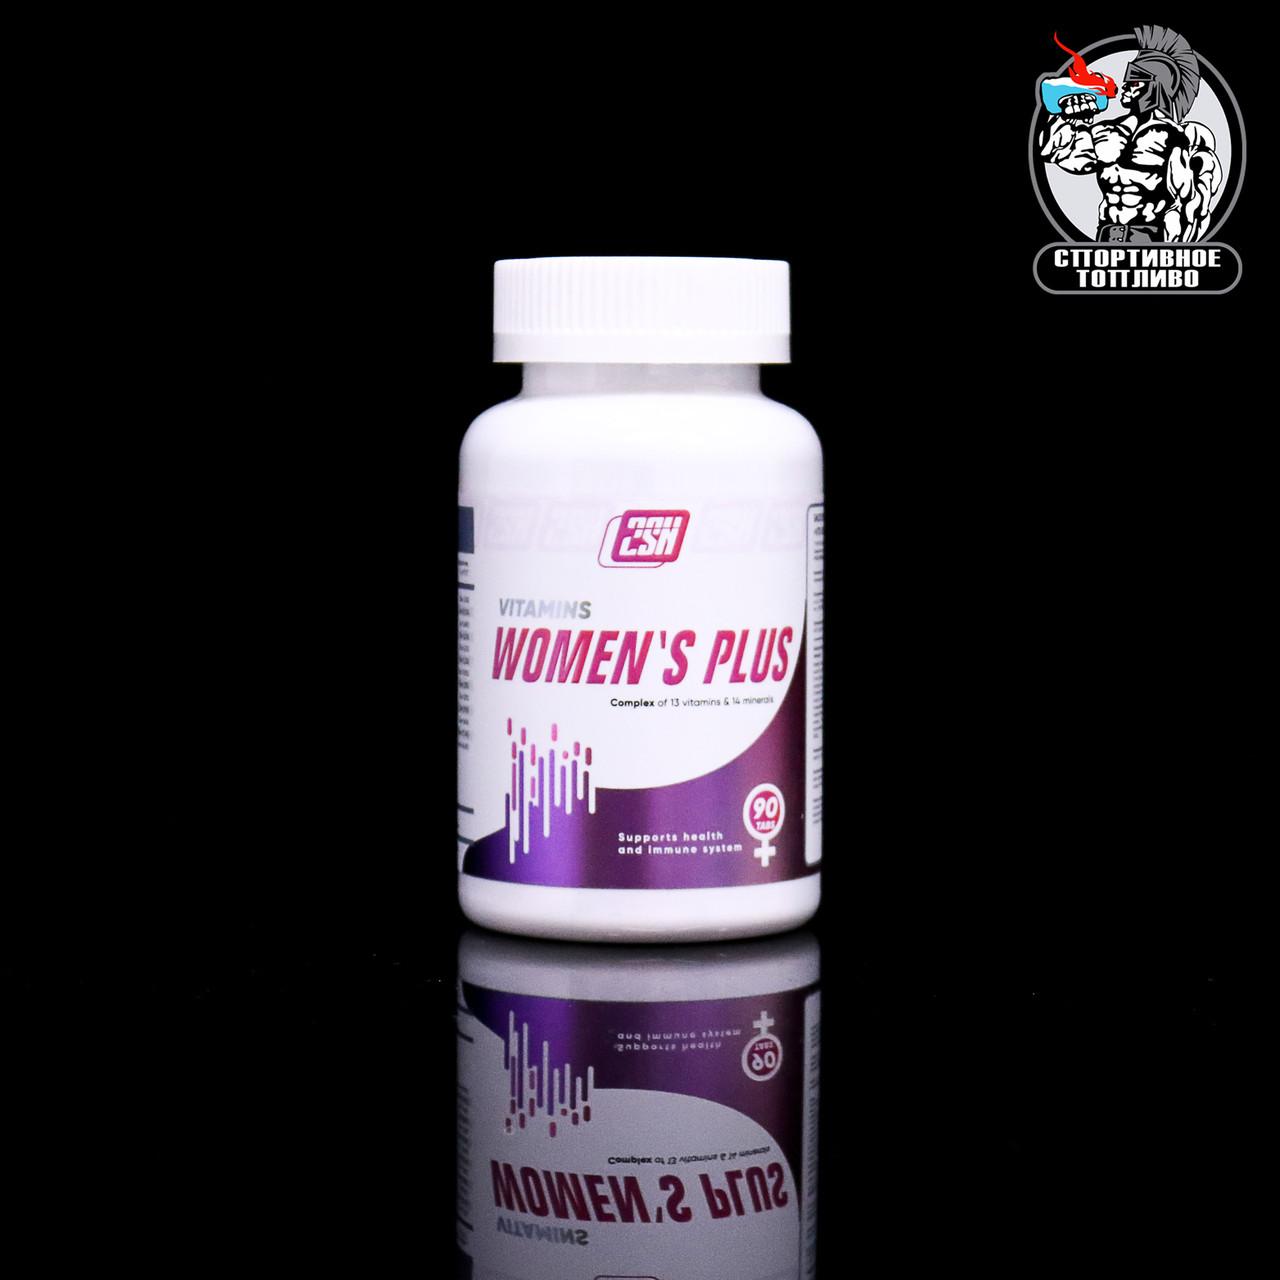 2SN - Women's Plus 90табл/30порций